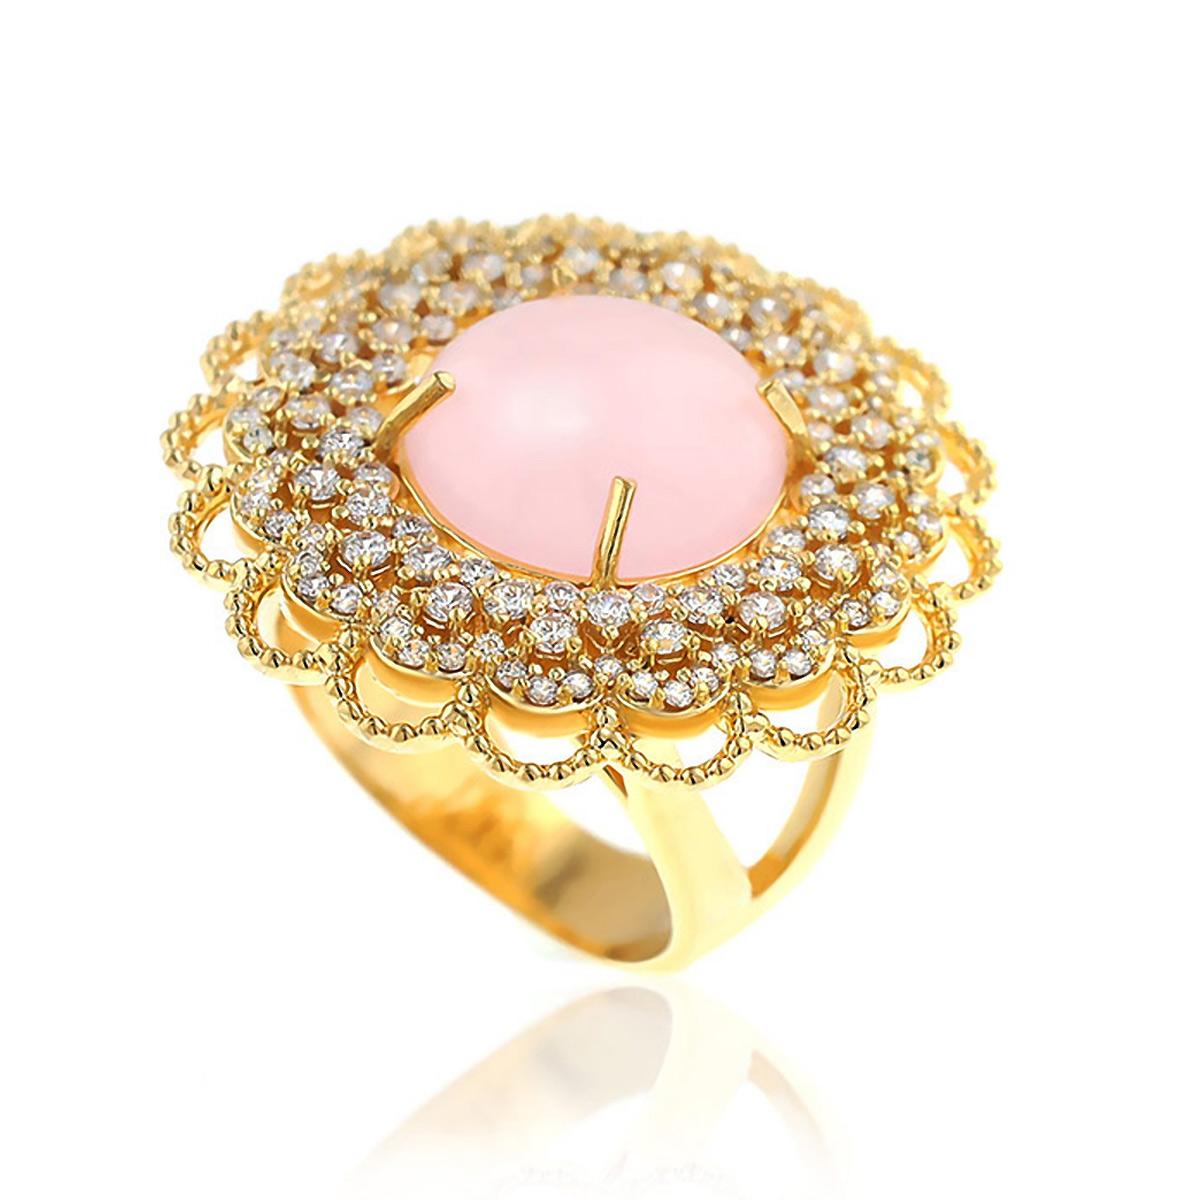 Anel Cabochão Luxo Semijoia em Ouro 18K com Micro Zircônia Branca e Pedra Natural Jade Rosa  - SOLOYOU